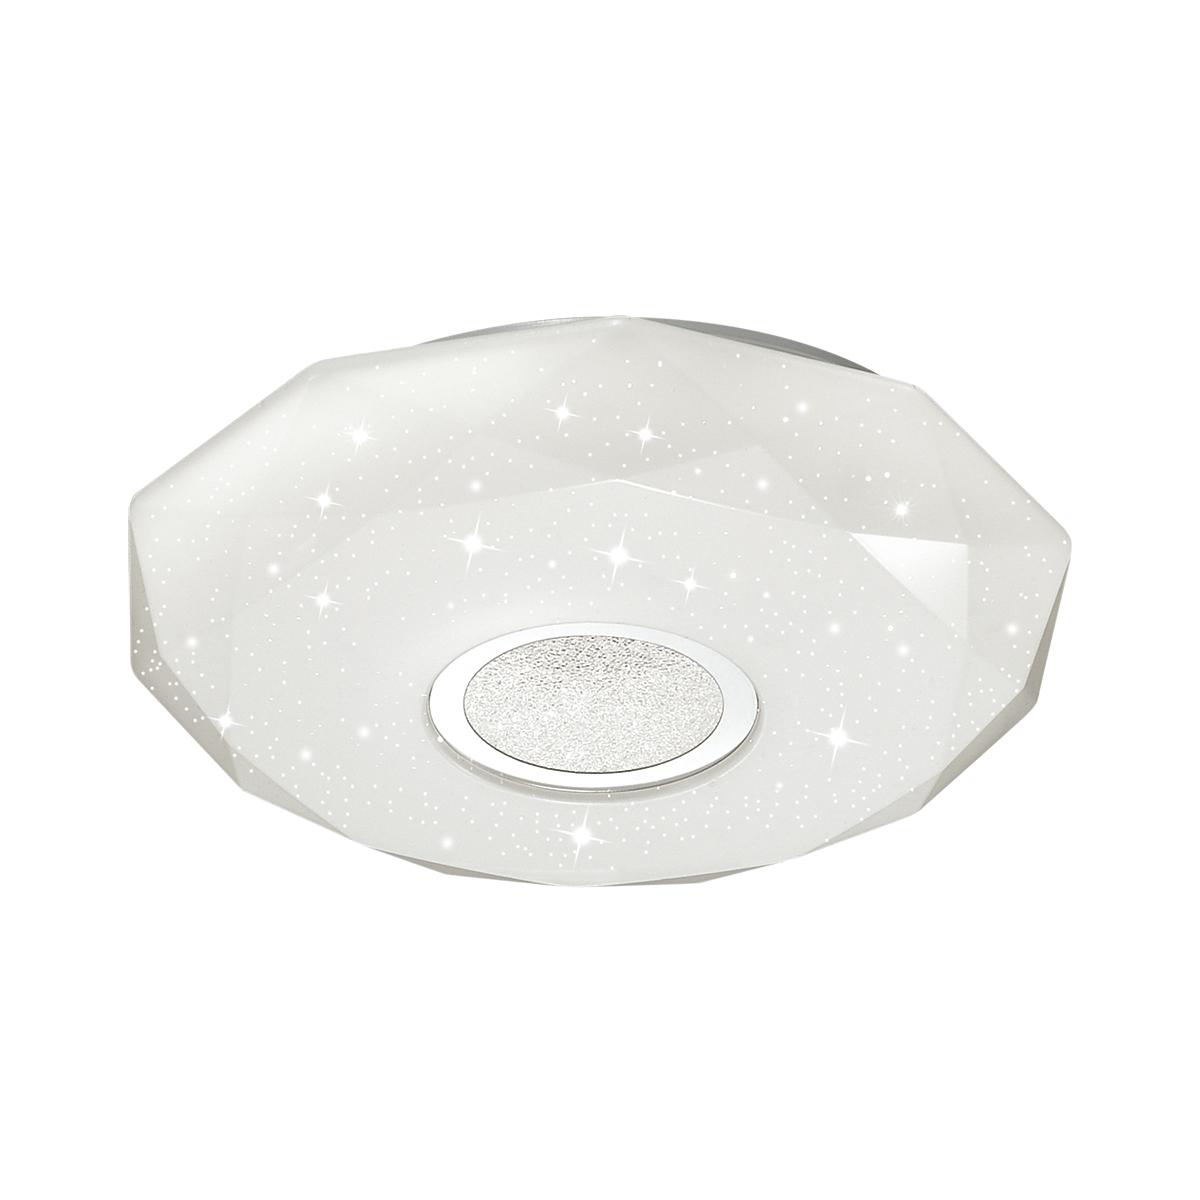 Потолочный светодиодный светильник Sonex Prisa 2057/CL, IP43, LED 24W, 3800K (дневной), белый, прозрачный, хром, металл, пластик - фото 1